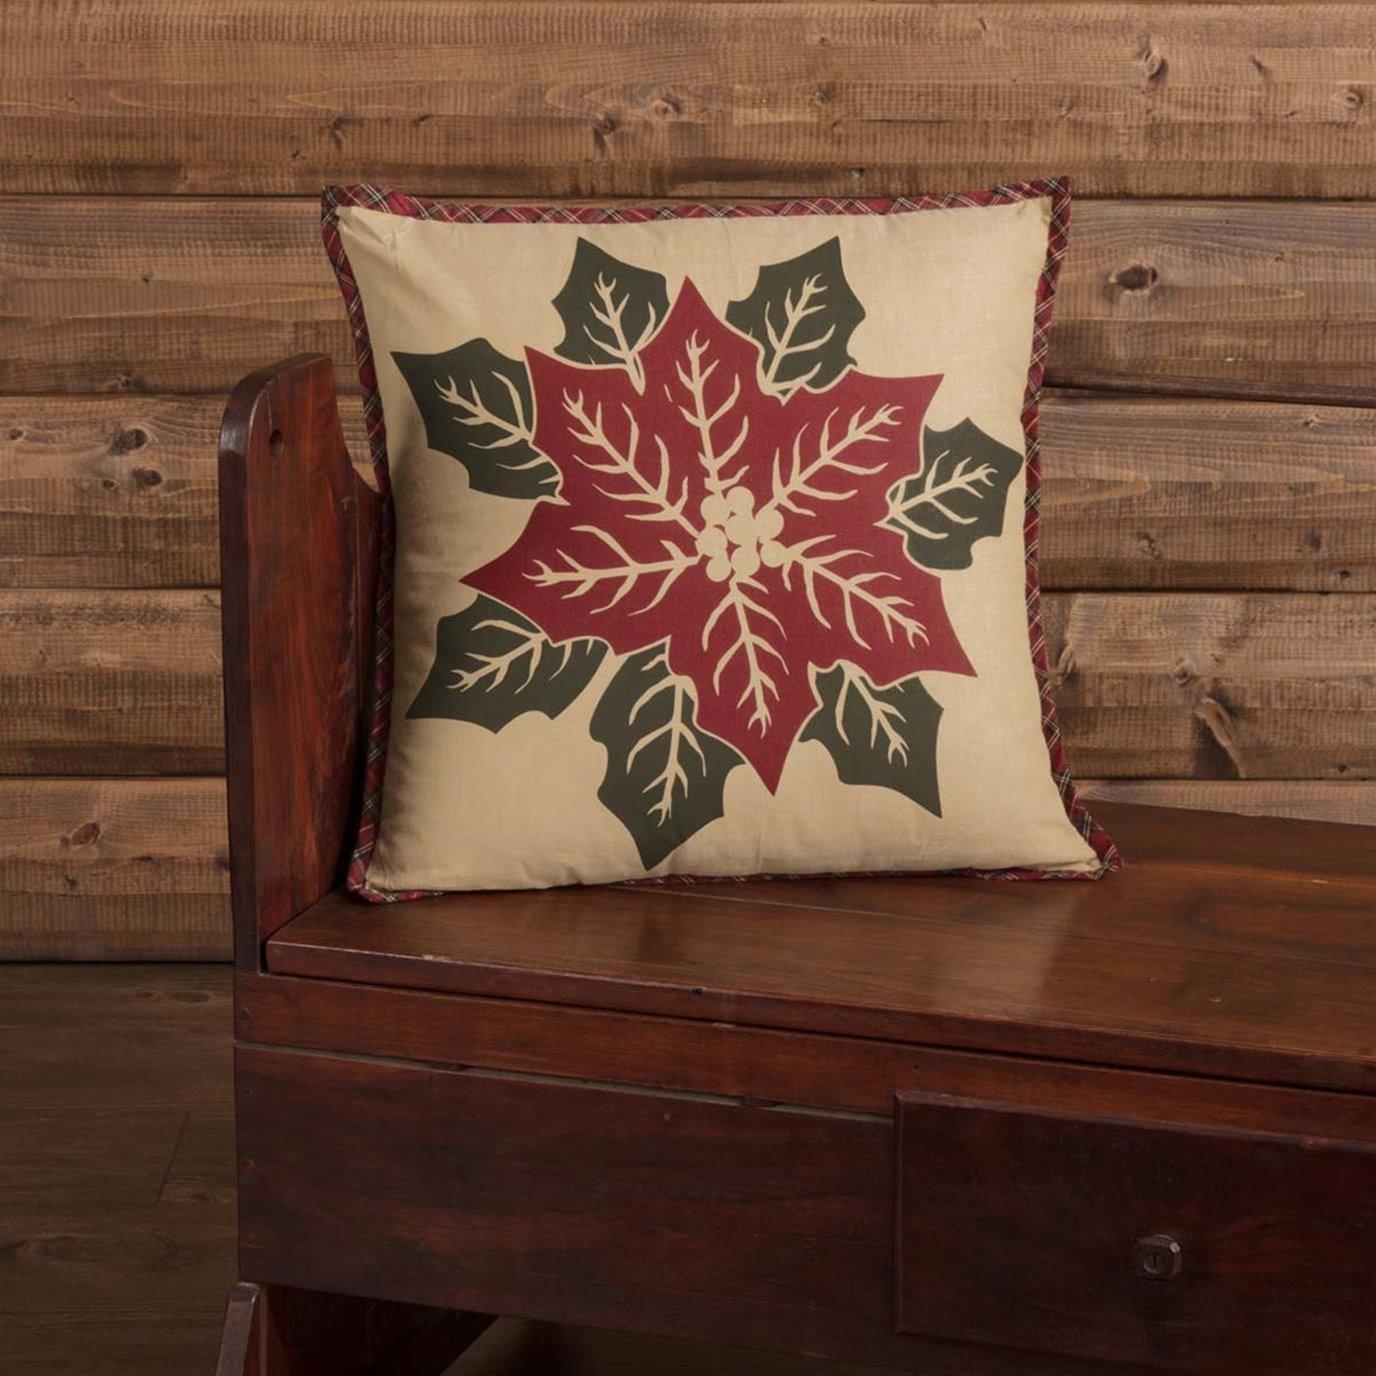 National Quilt Museum Poinsettia Block Pillow 18x18